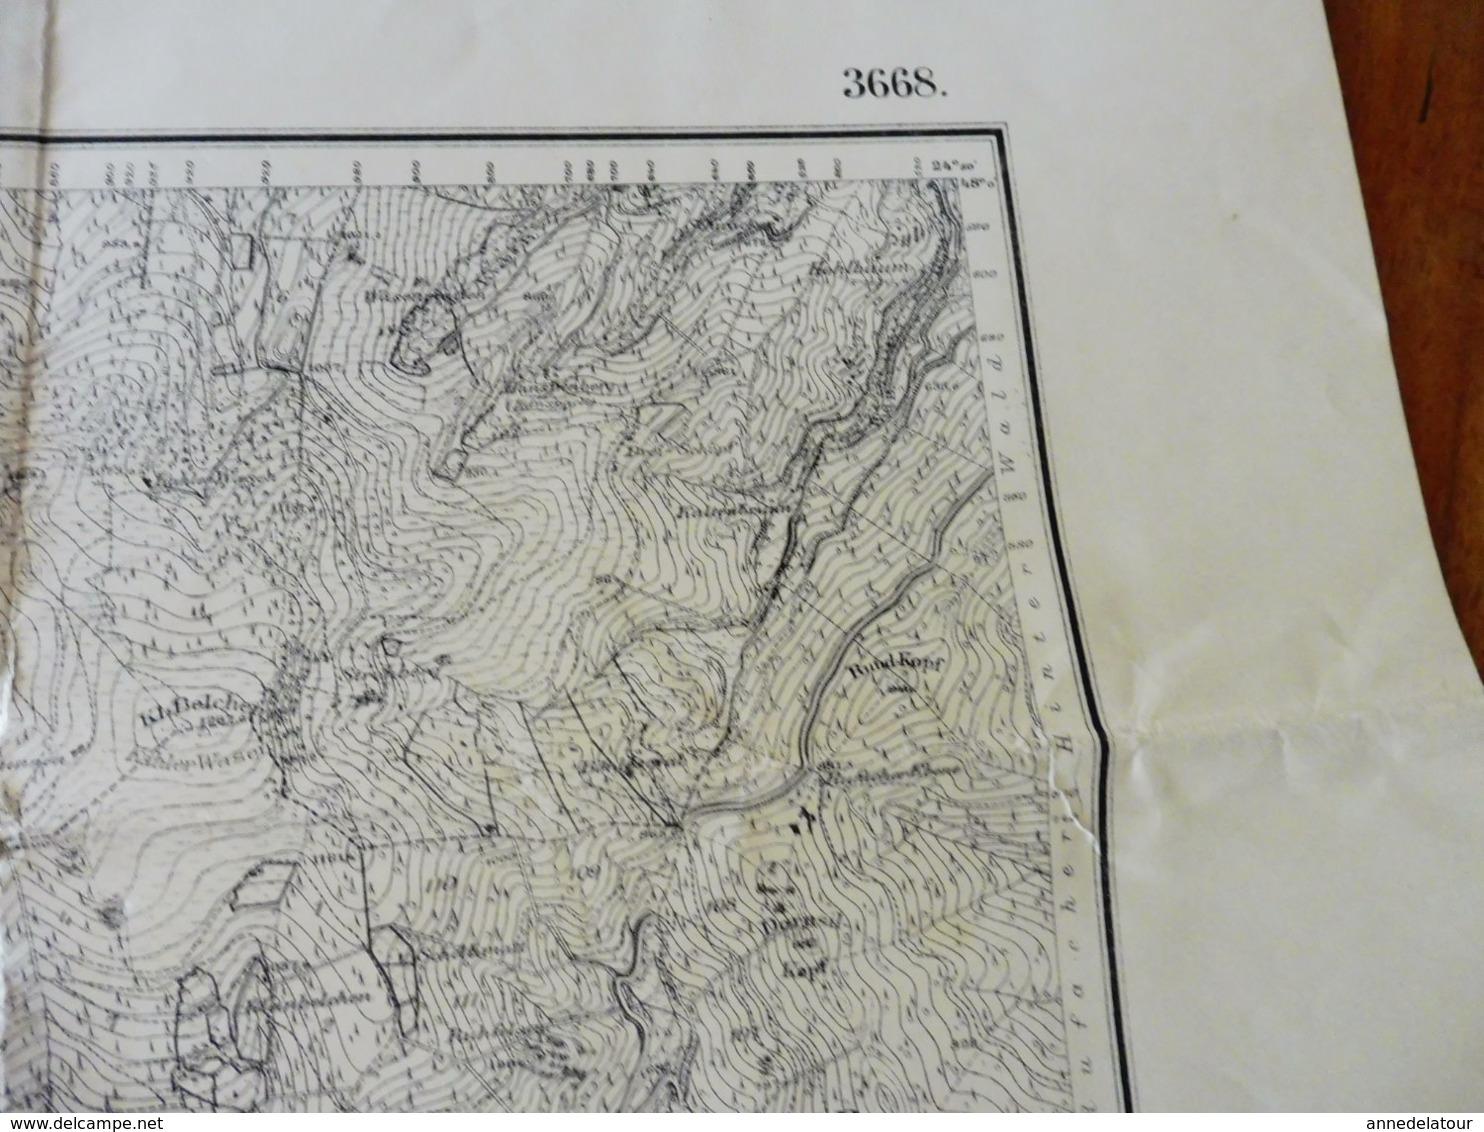 1886 Rare Carte De LAUTENBACH Filigrane PAPETERIE BERGES Suite Annexion ALSACE Par L'ALLEMAGNE (Hors-Tout = 64cm X 57cm) - Topographical Maps